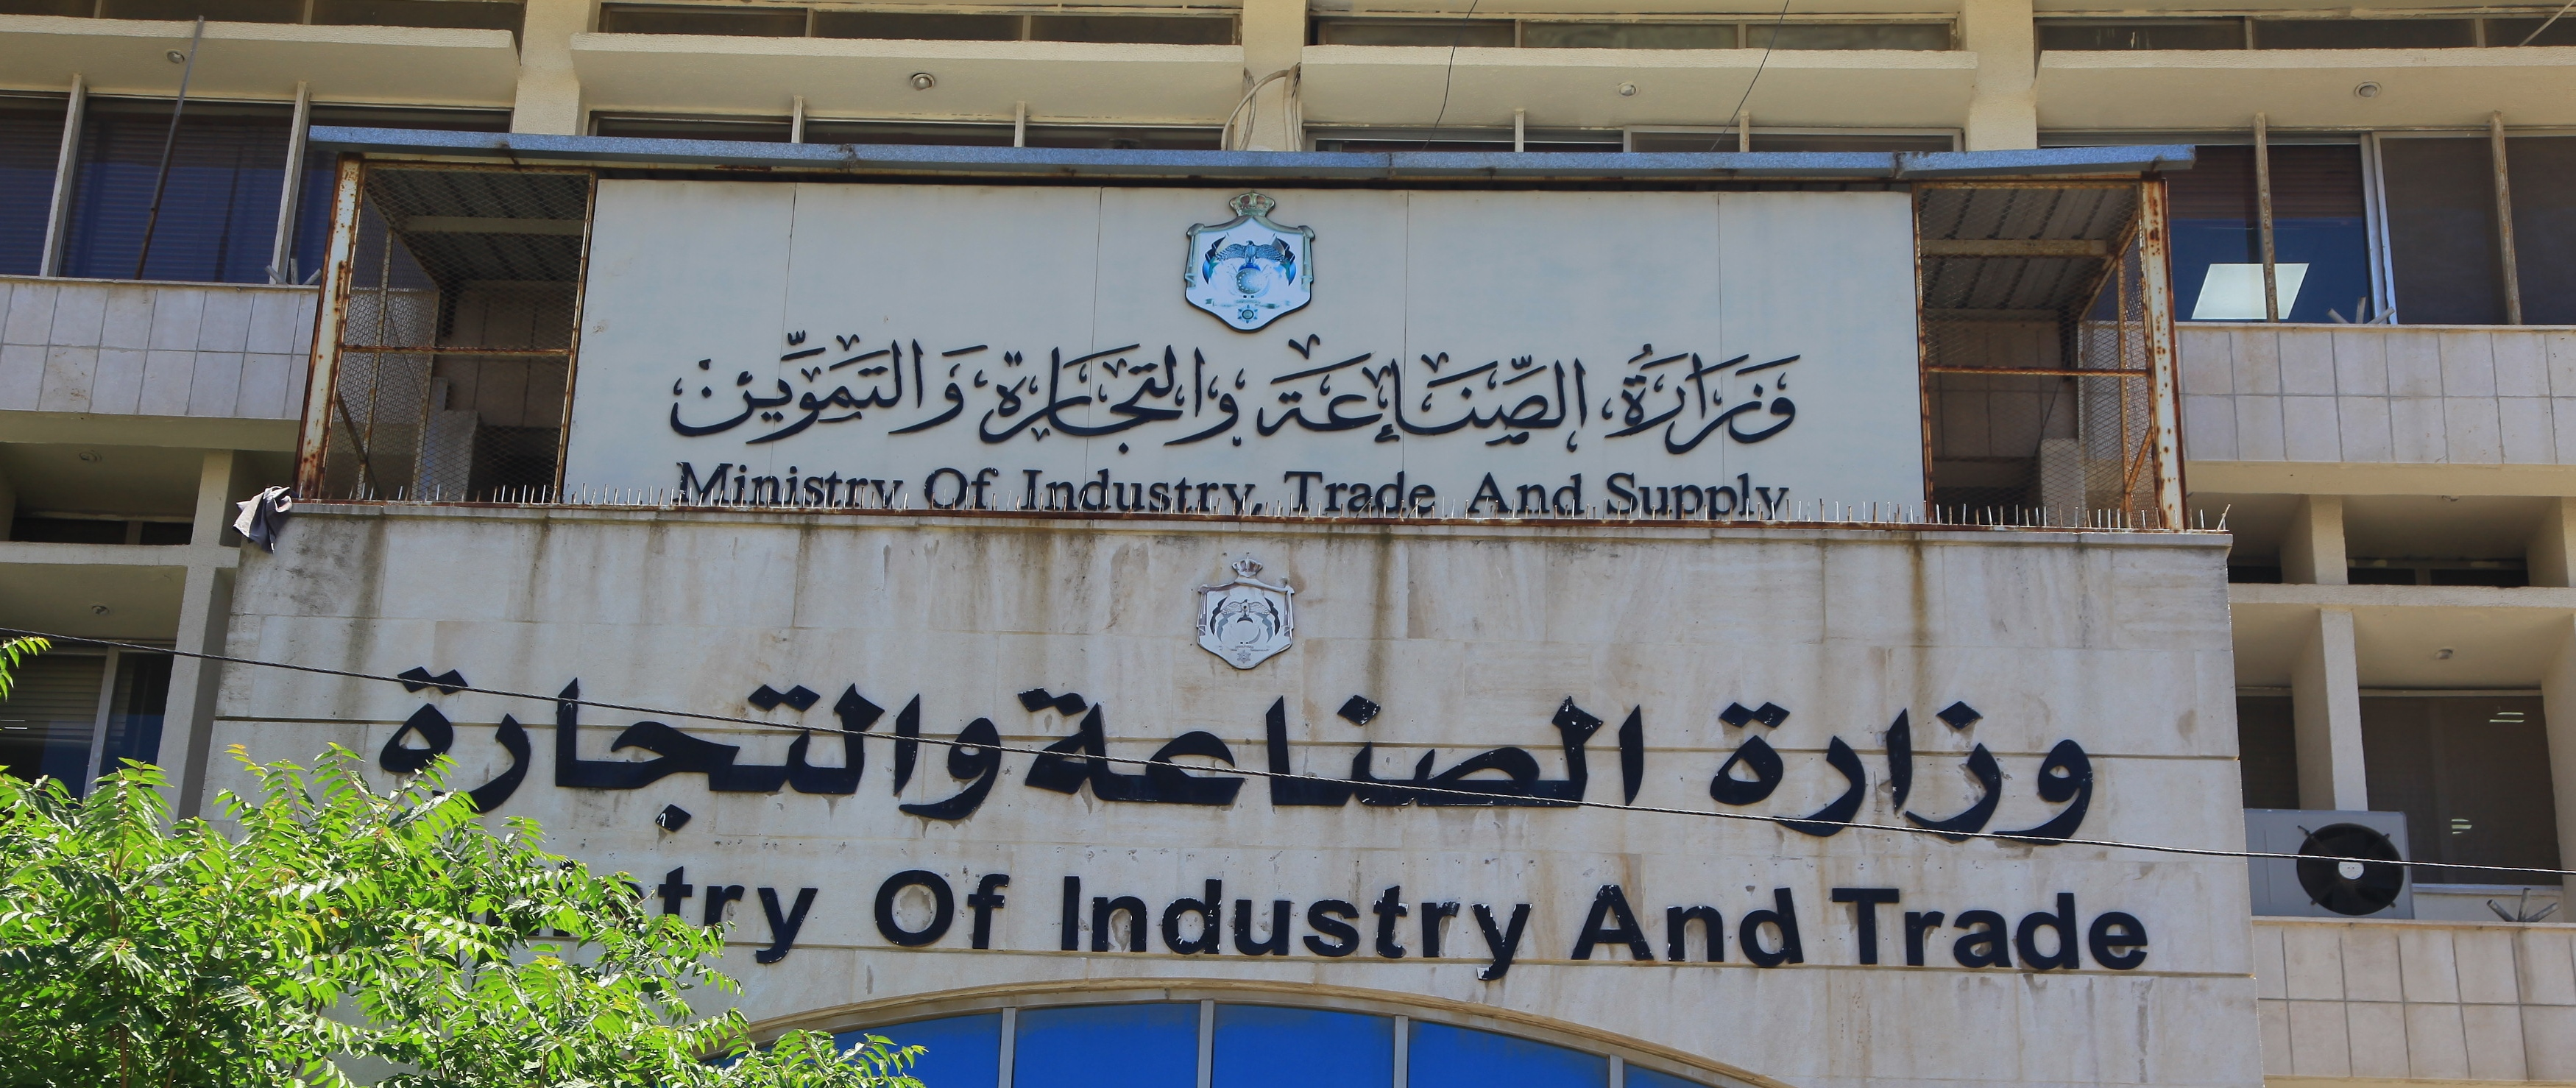 الصناعة والتجارة: انخفاض أسعار الدجاج الطازج والمجمد